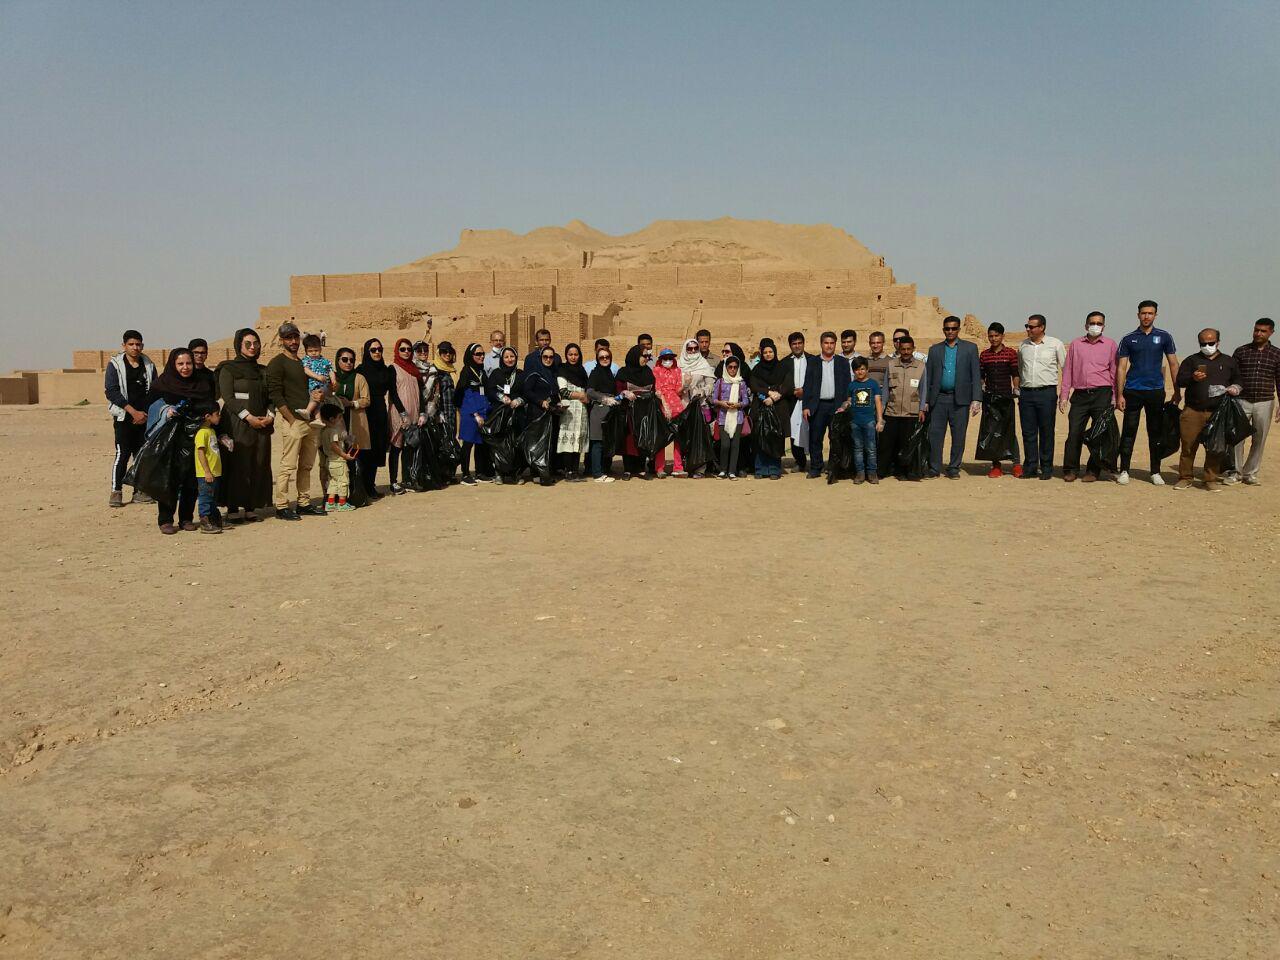 انجمن دوستداران میراث فرهنگی و گردشگری شوش گردهم آمدند